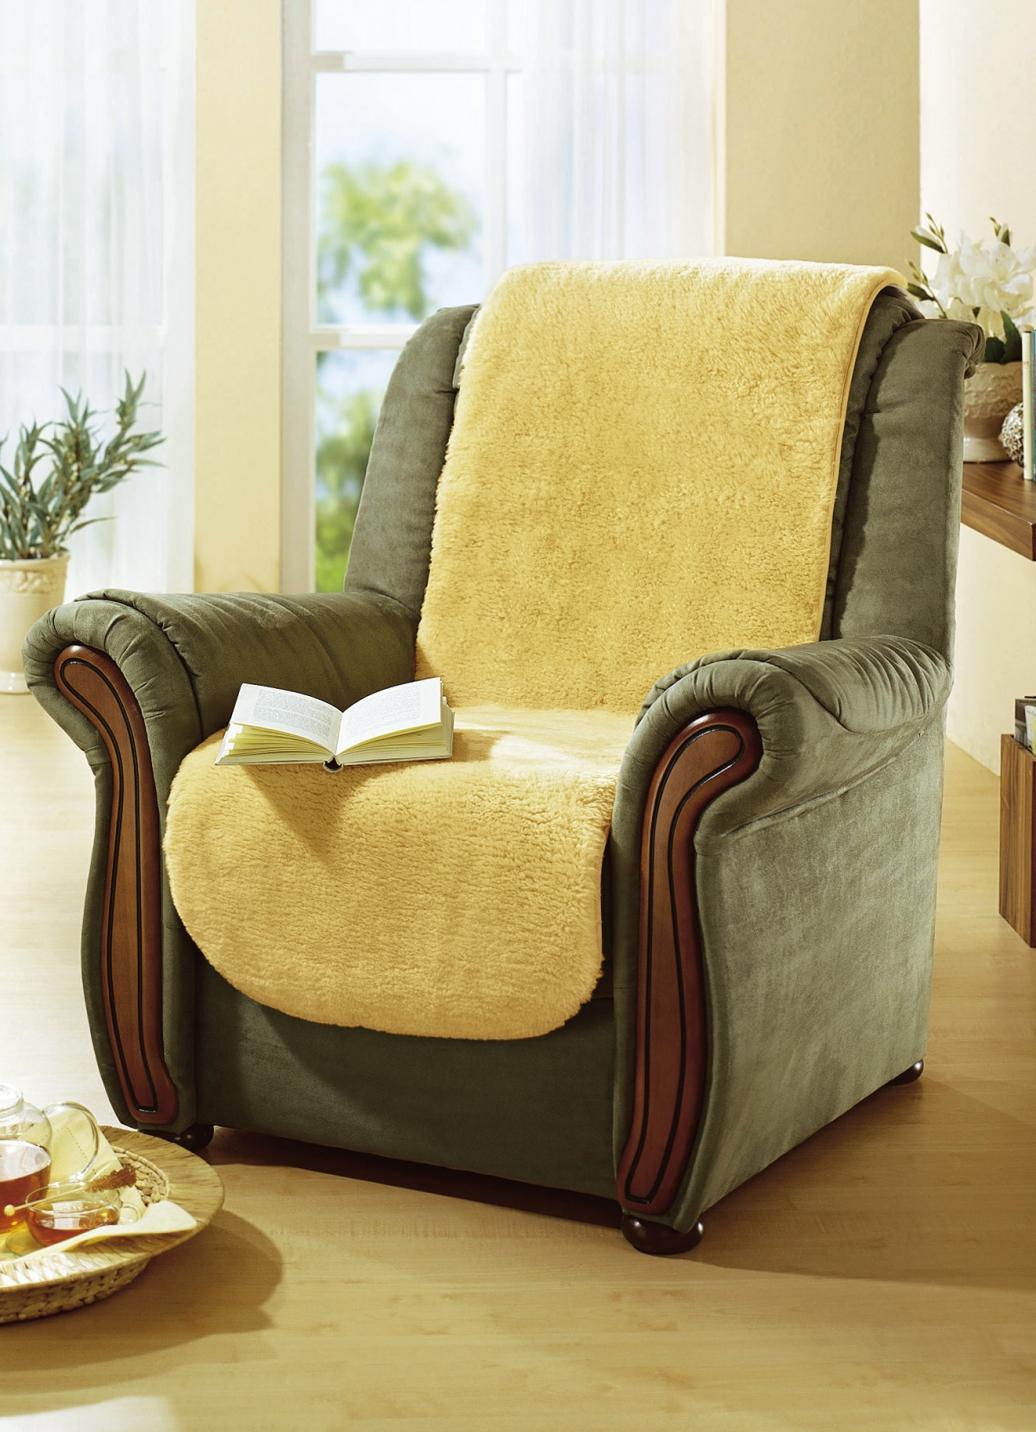 Sesselschoner aus flauschig weichem Lammfell - Sessel- & Sofaüberwürfe | Brigitte Hachenburg